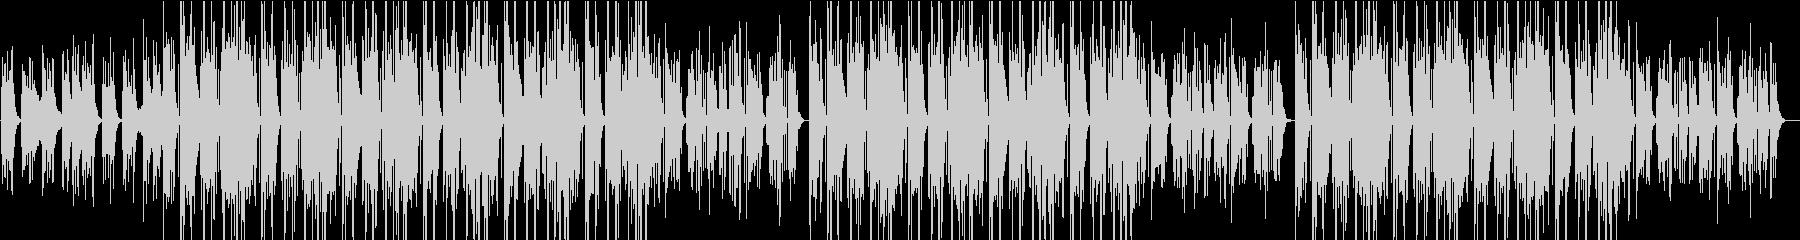 【R&B】アリアナグランデのようなBGMの未再生の波形